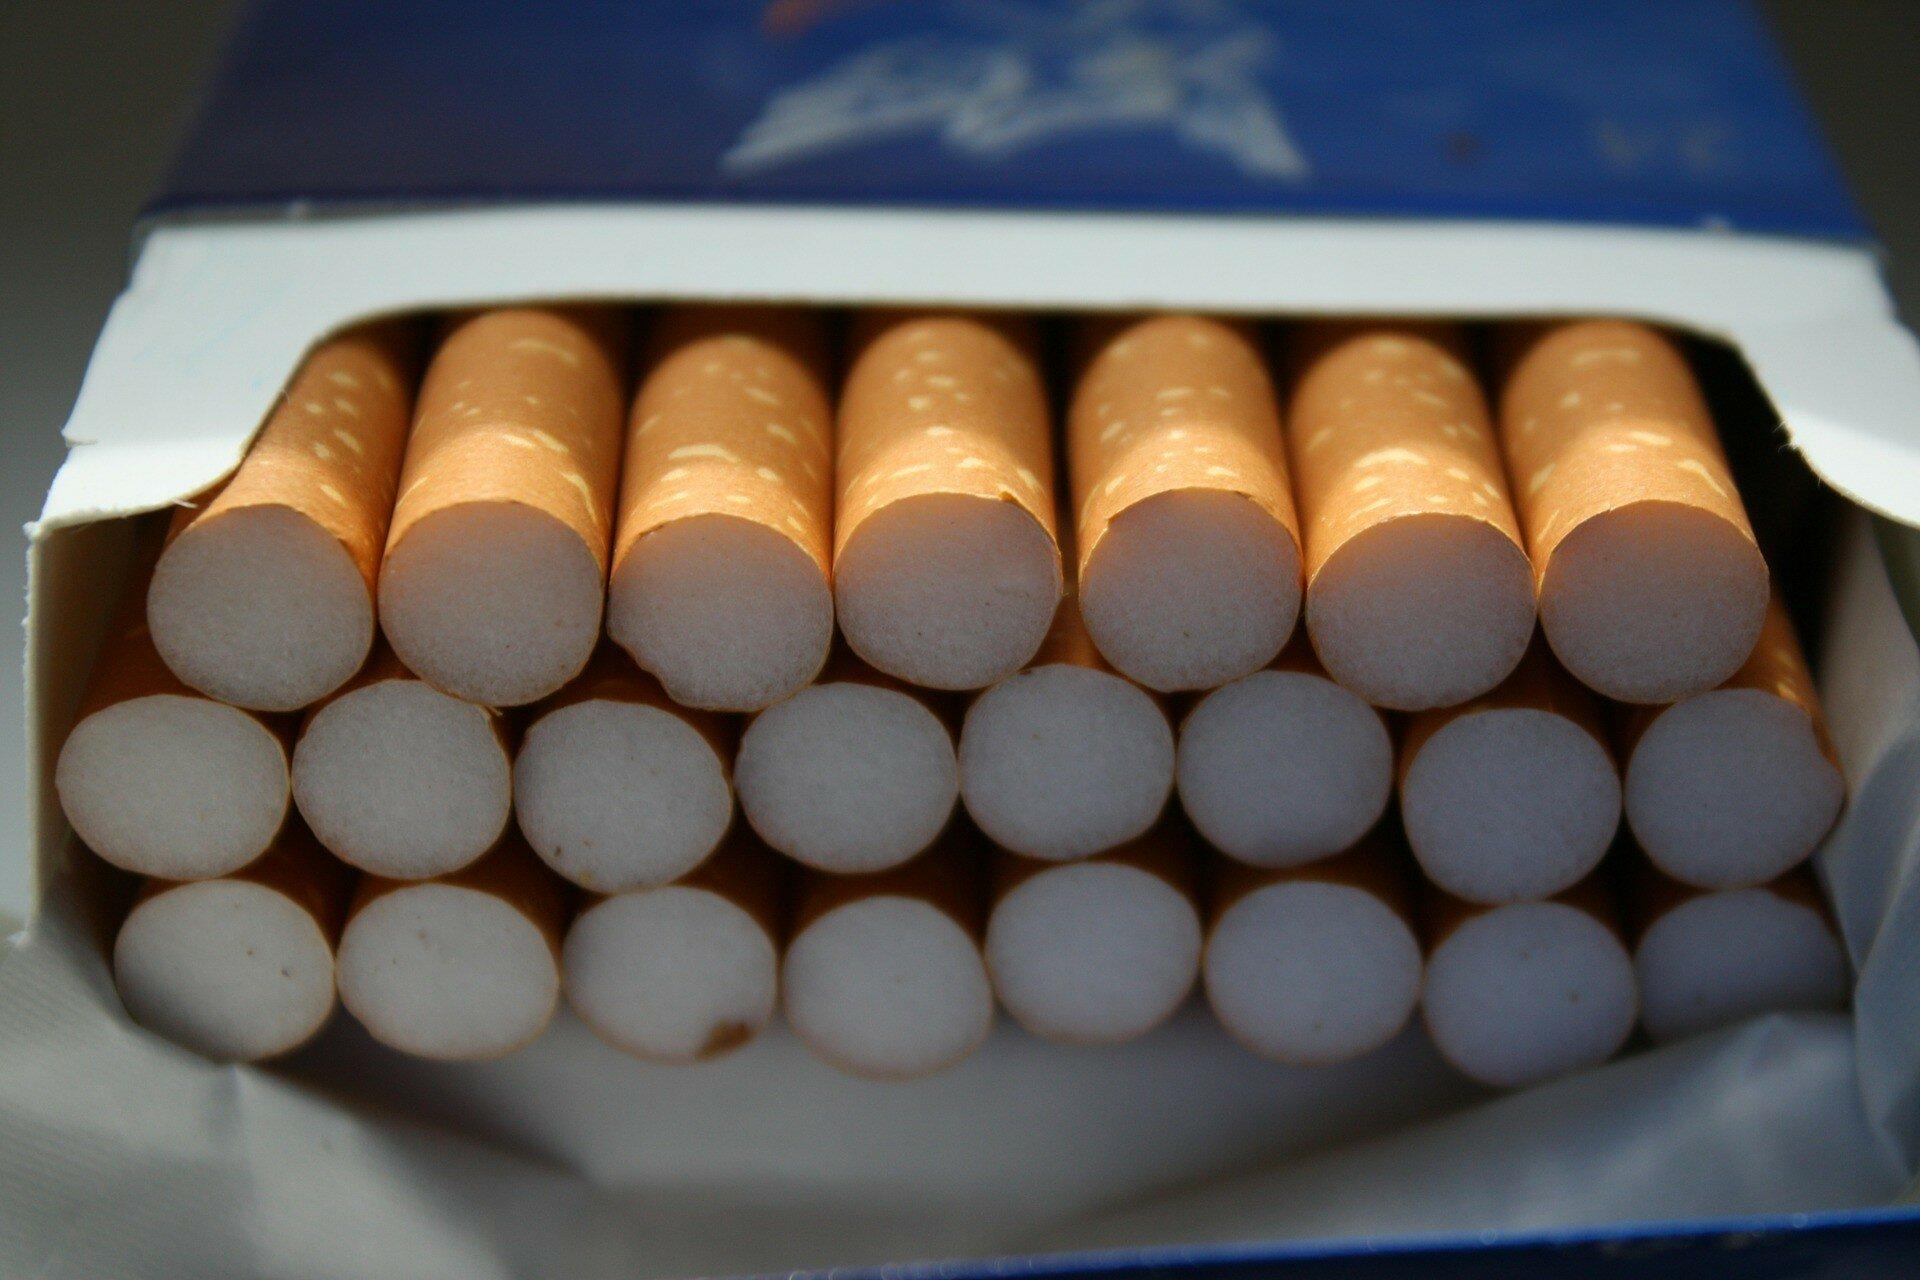 ГФС изъяла незаконных табачных изделий на 227 млн